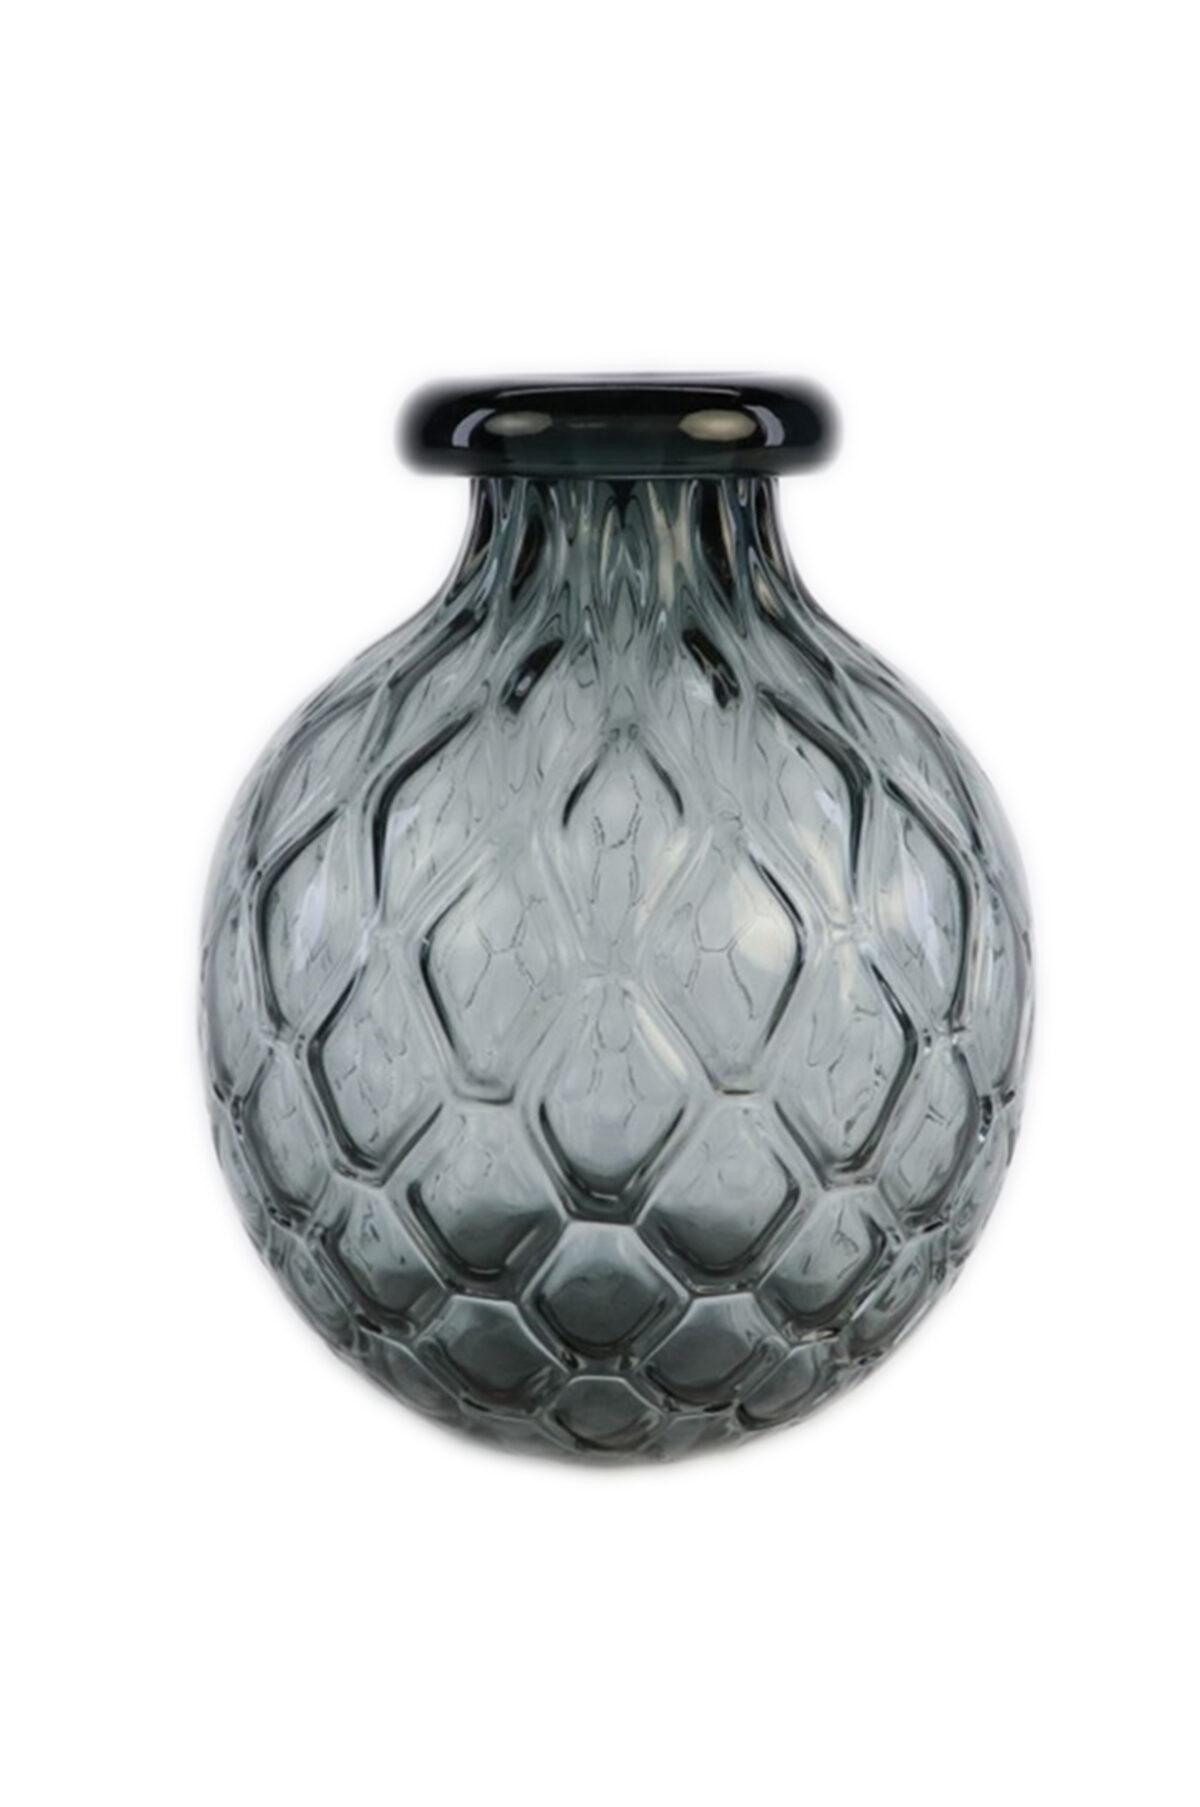 Vaso portafiori - portacandele in vetro grigio d. 25,5 h. 32 cm